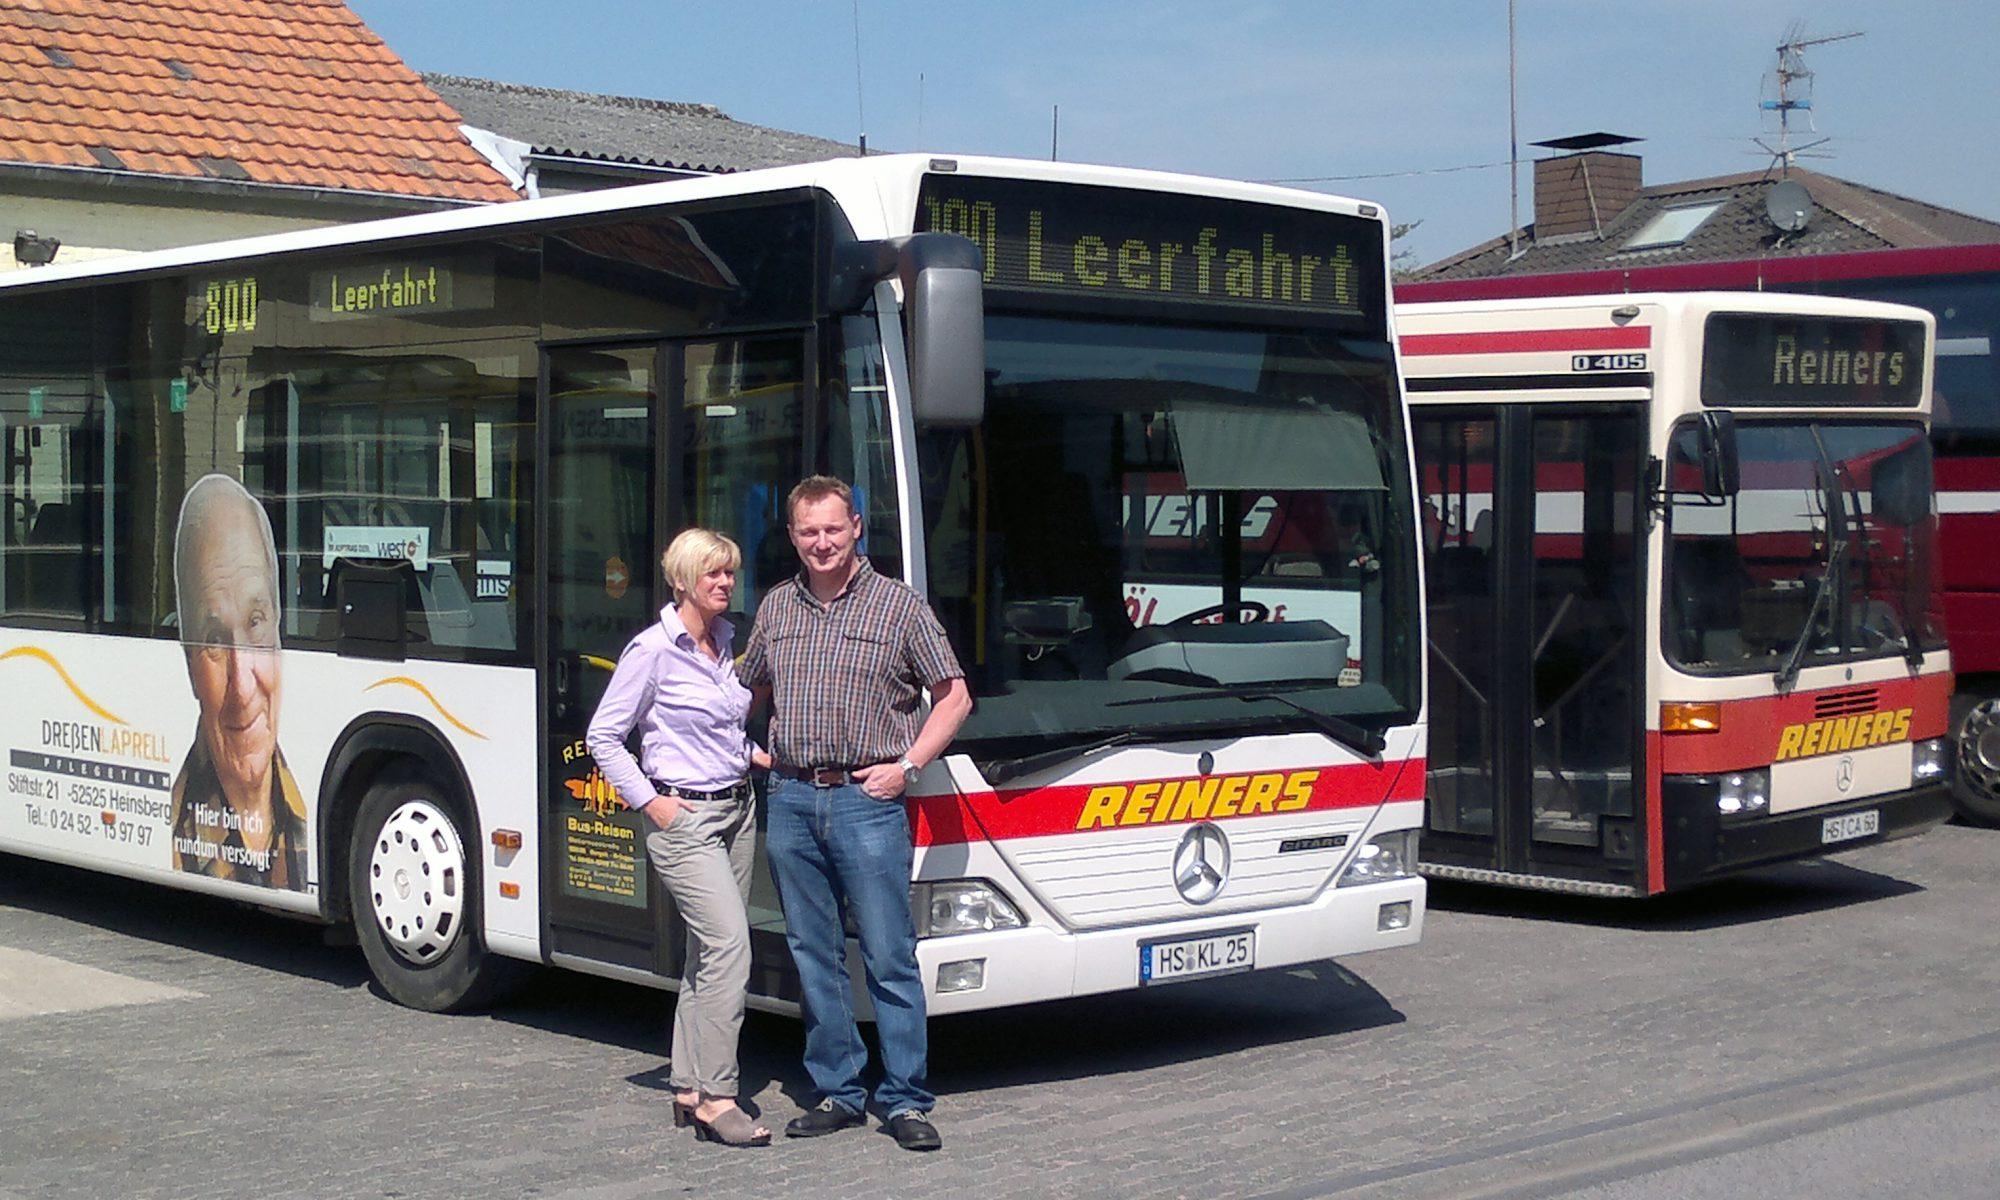 Reiners Busreisen